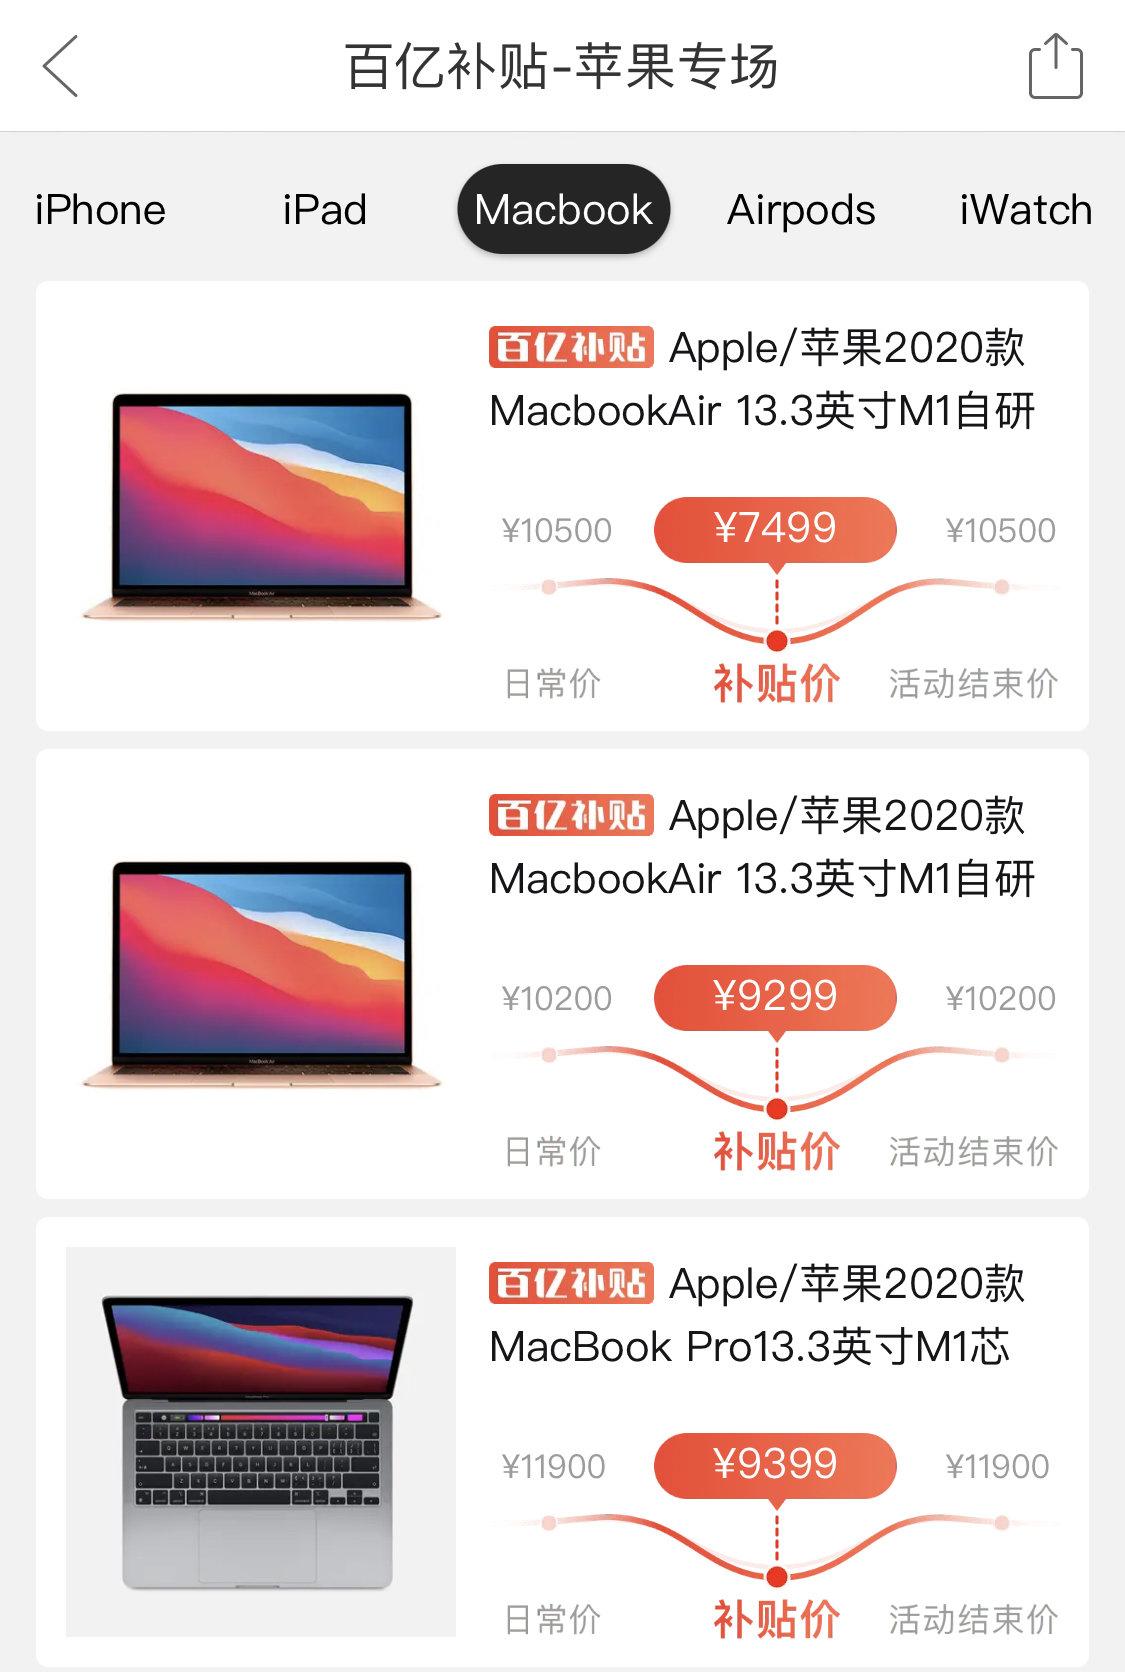 拼多多百亿补贴上架 M1 版 MacBook,7499 元起 - 热点资讯 每日推荐 第2张